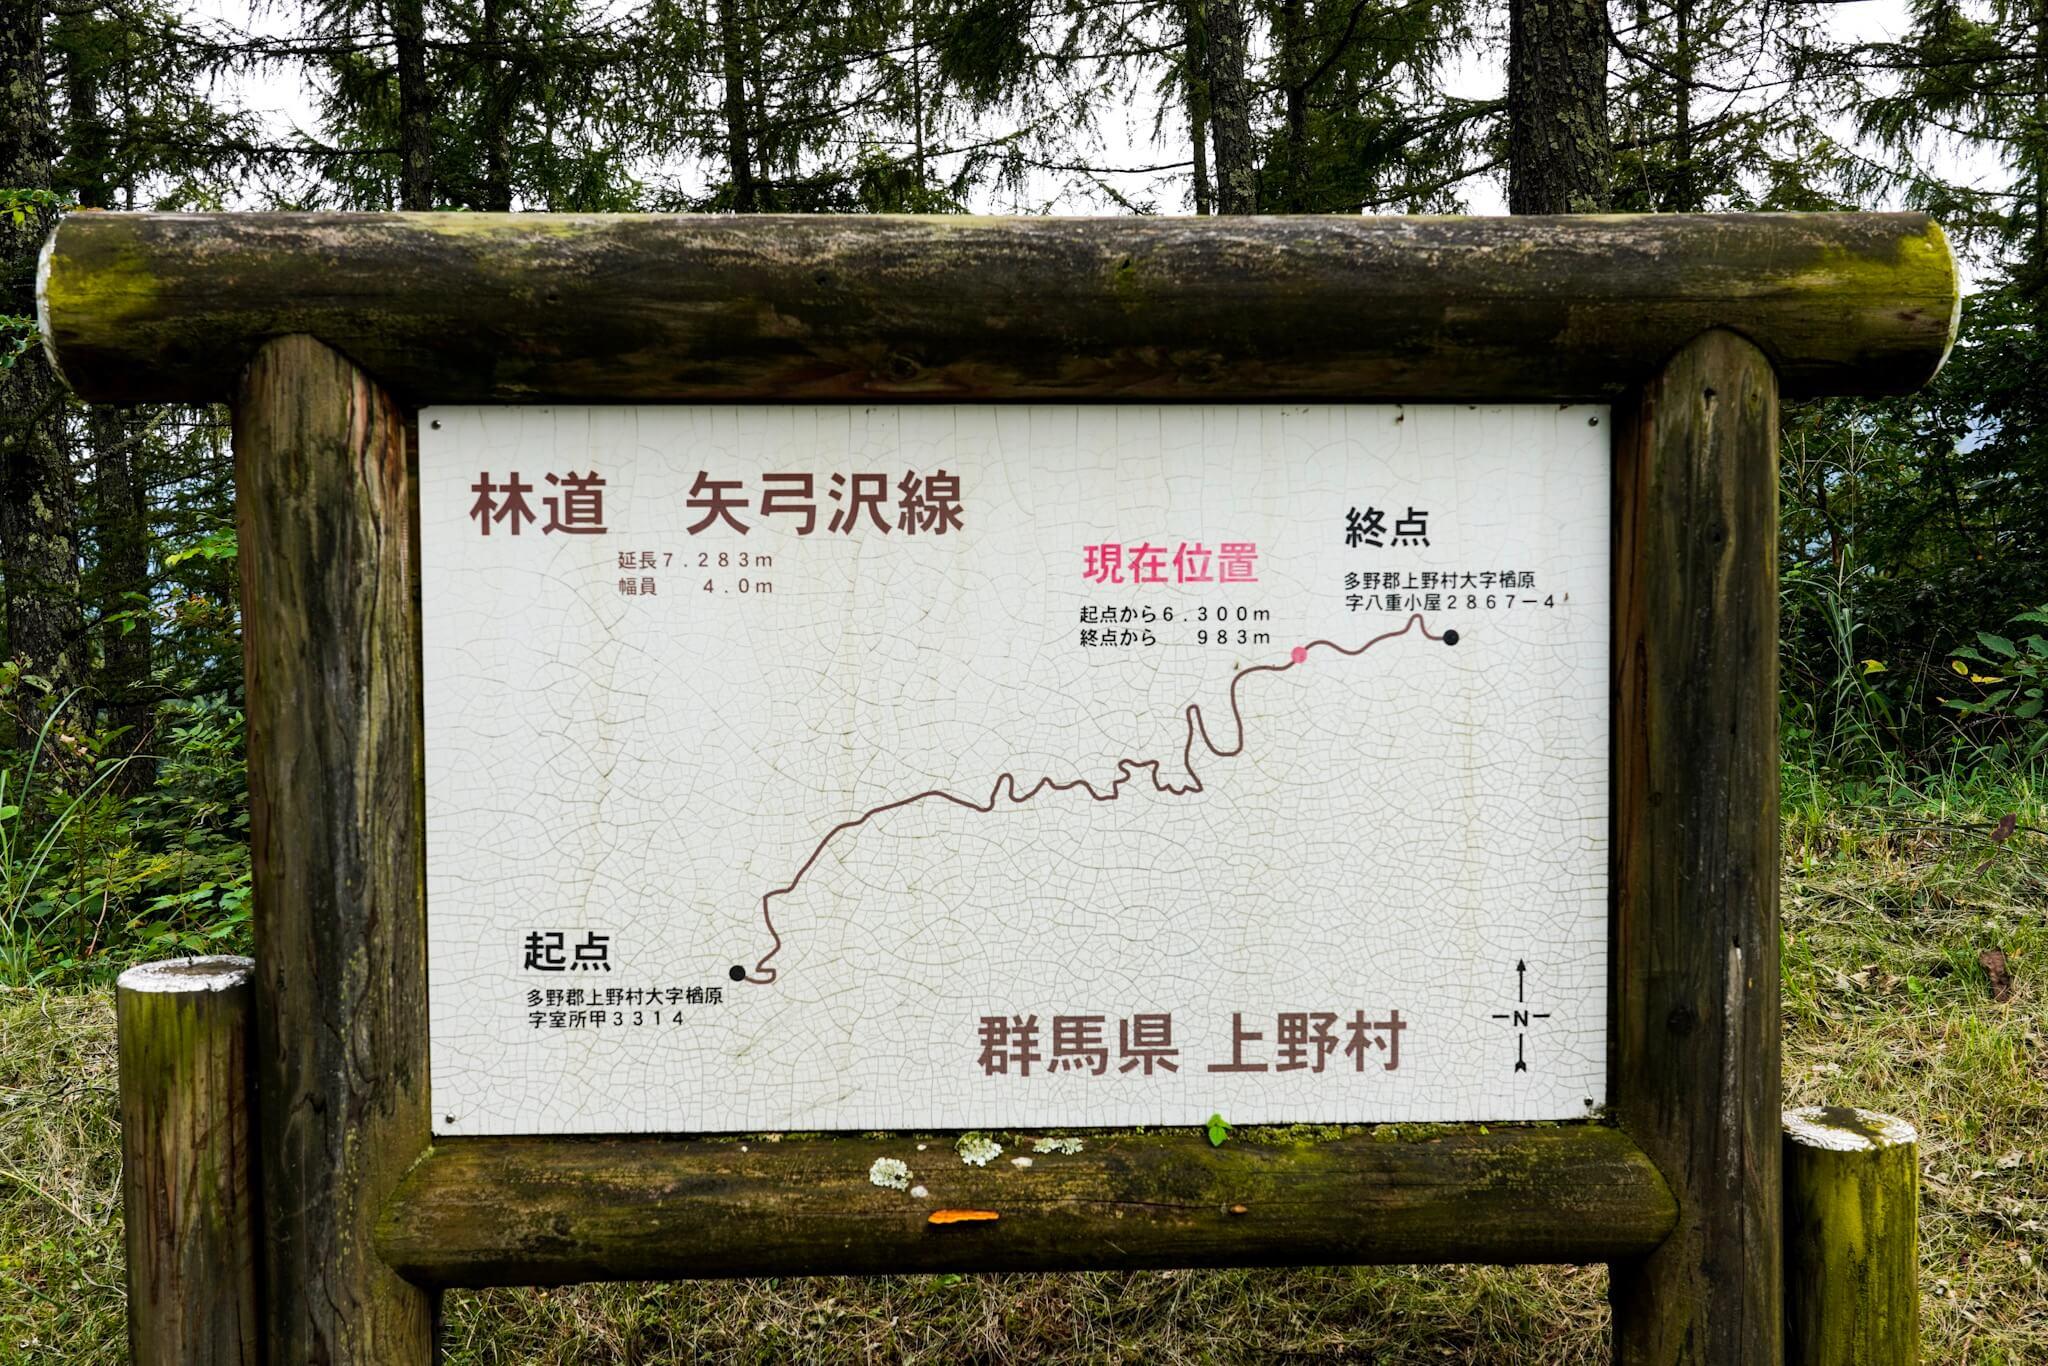 酷道299号 林道矢弓沢線